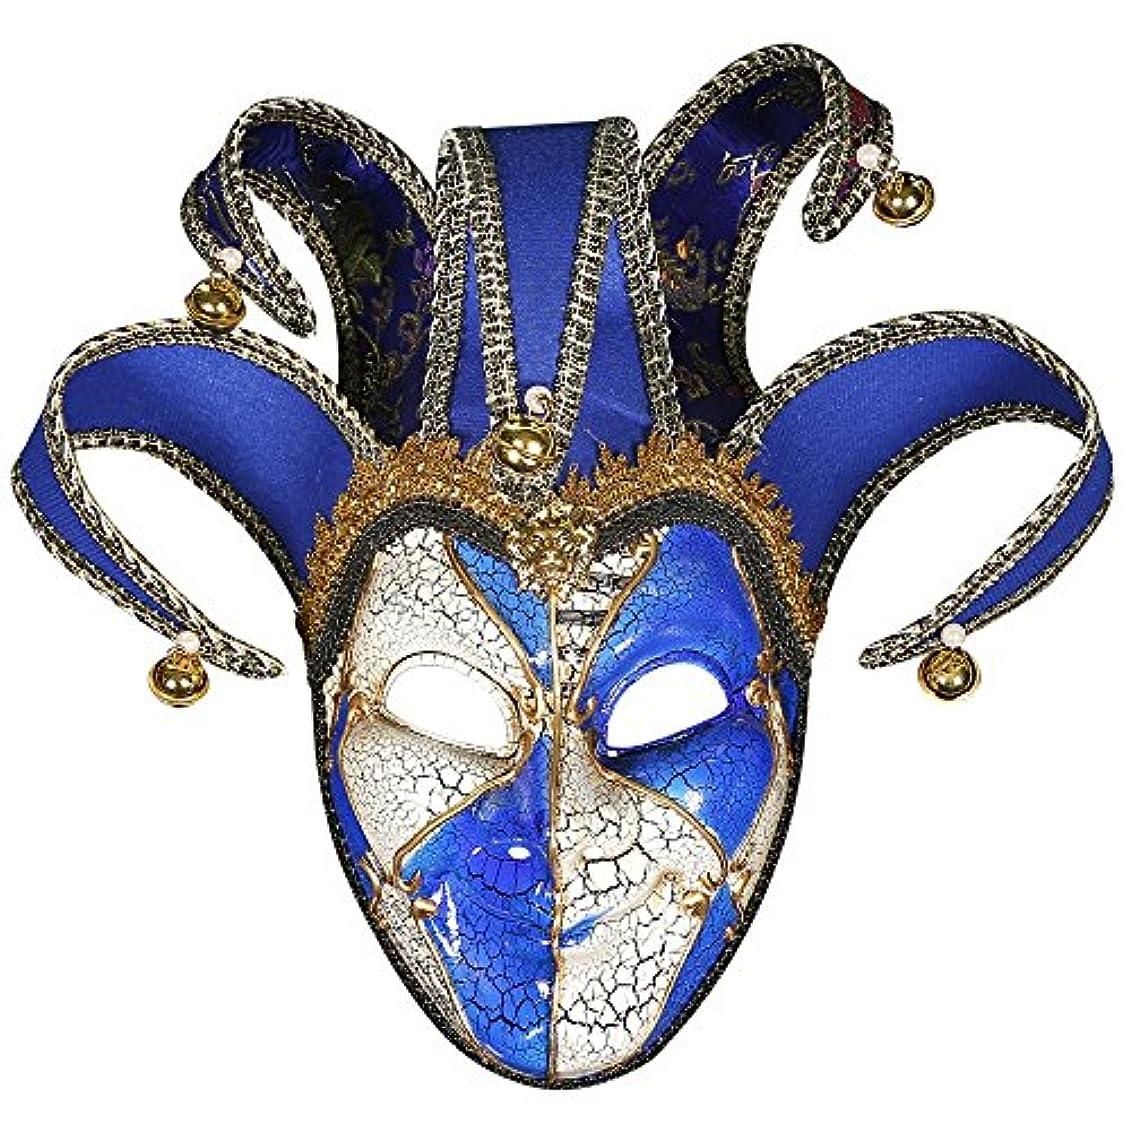 吐き出す健康効能ハイエンドの美しいクラックフェスティバル仮面舞踏会マスクハロウィーン誕生日パーティーピエロマスク (Color : A)